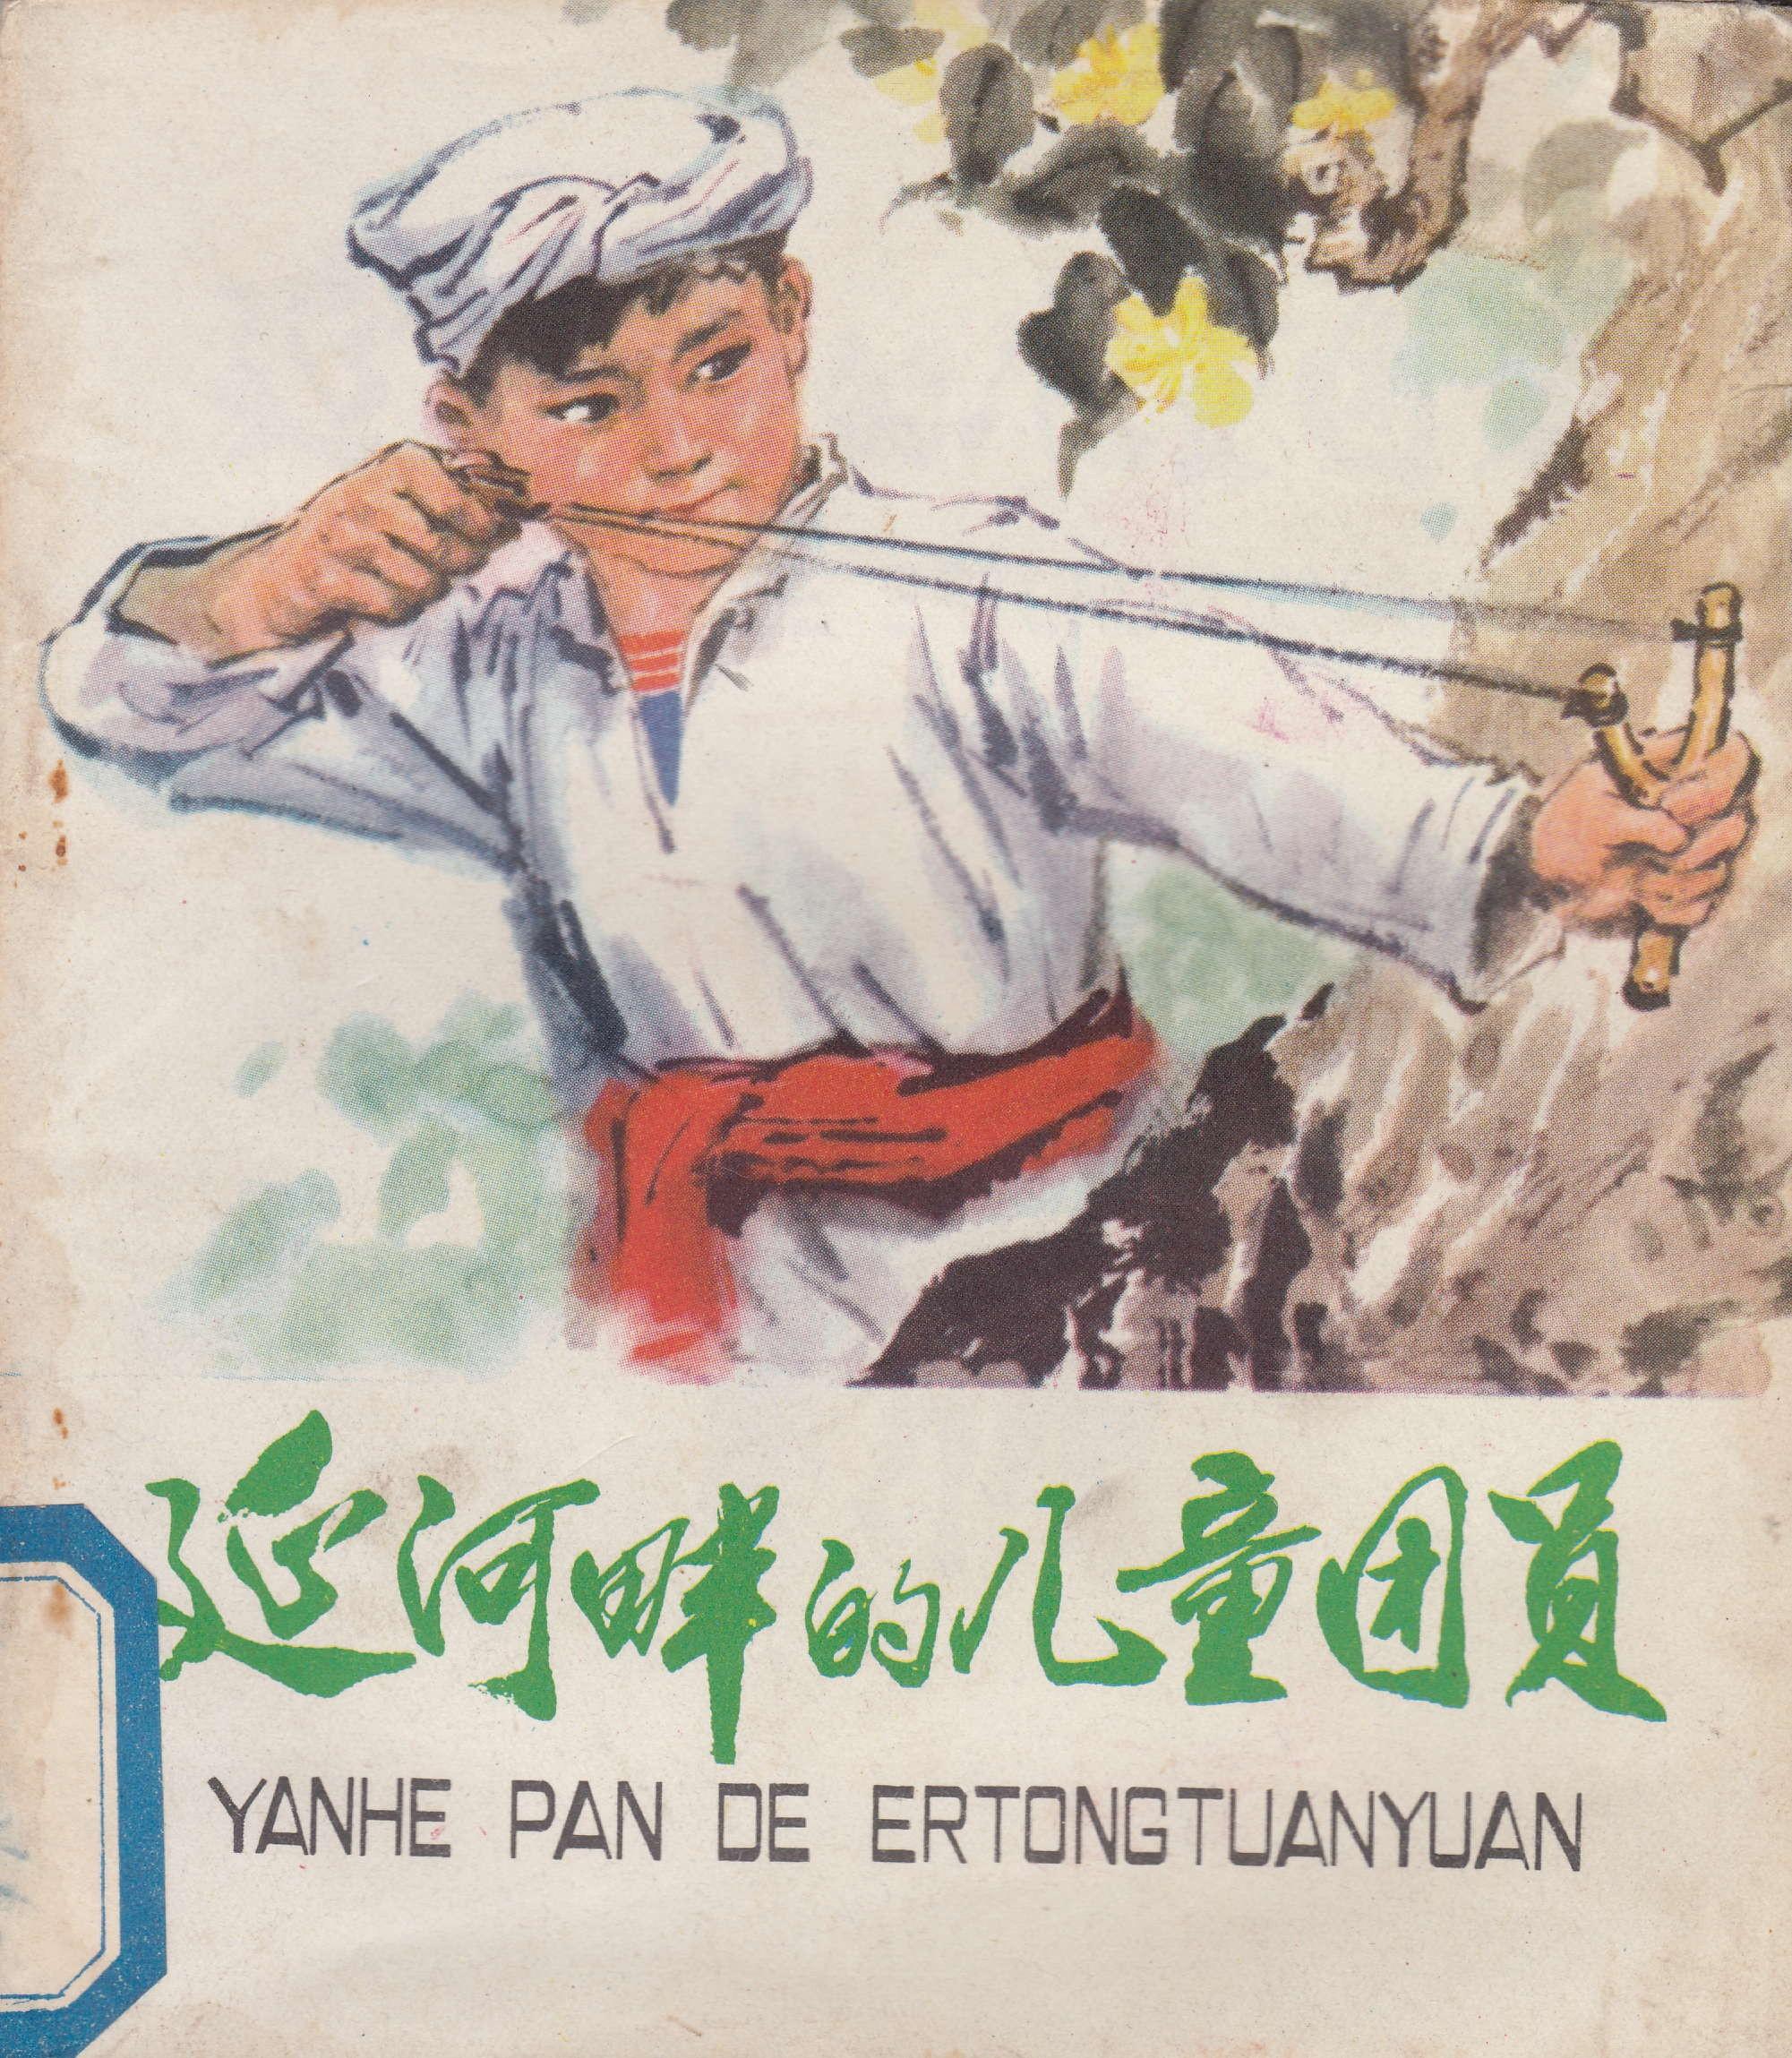 儿童题材彩色连环画-延河畔的儿童团员